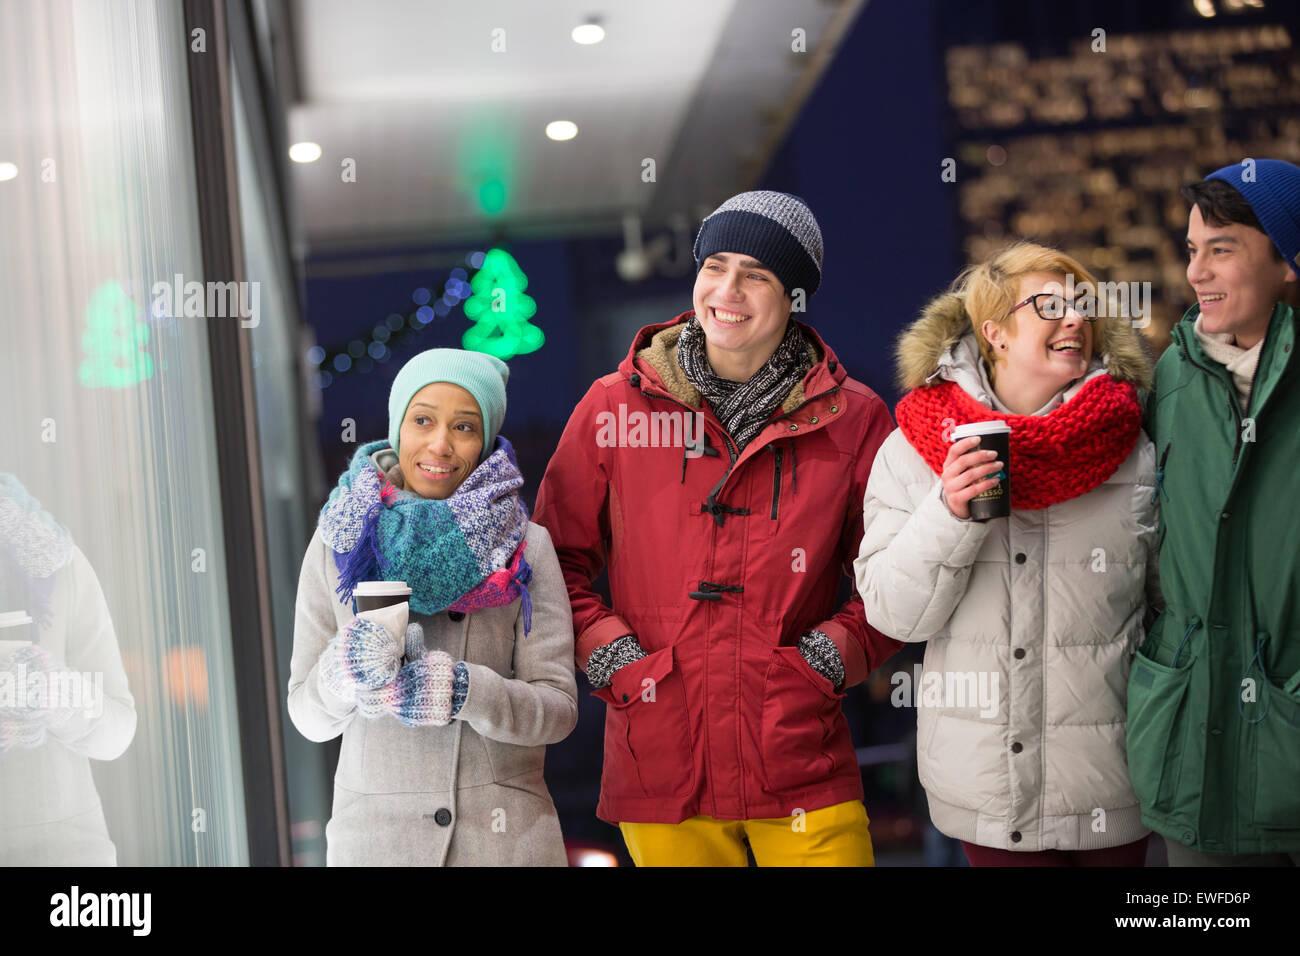 Happy amici multietnica in inverno indossare a piedi in città durante il crepuscolo Immagini Stock